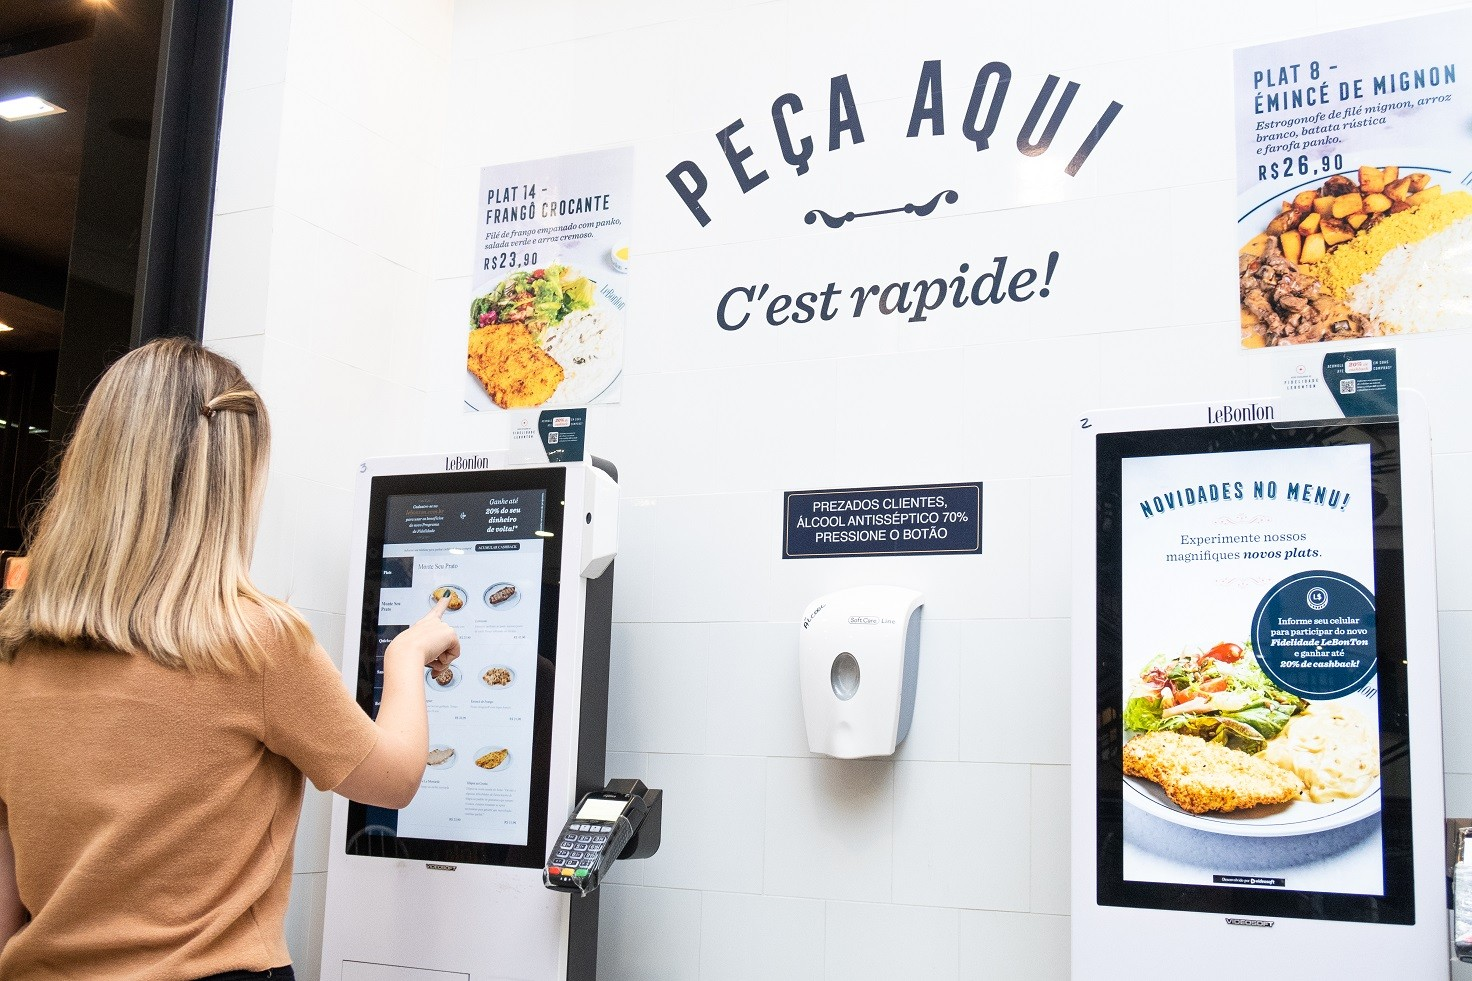 Autoatendimento aumenta ticket médio de franquia de restaurantes